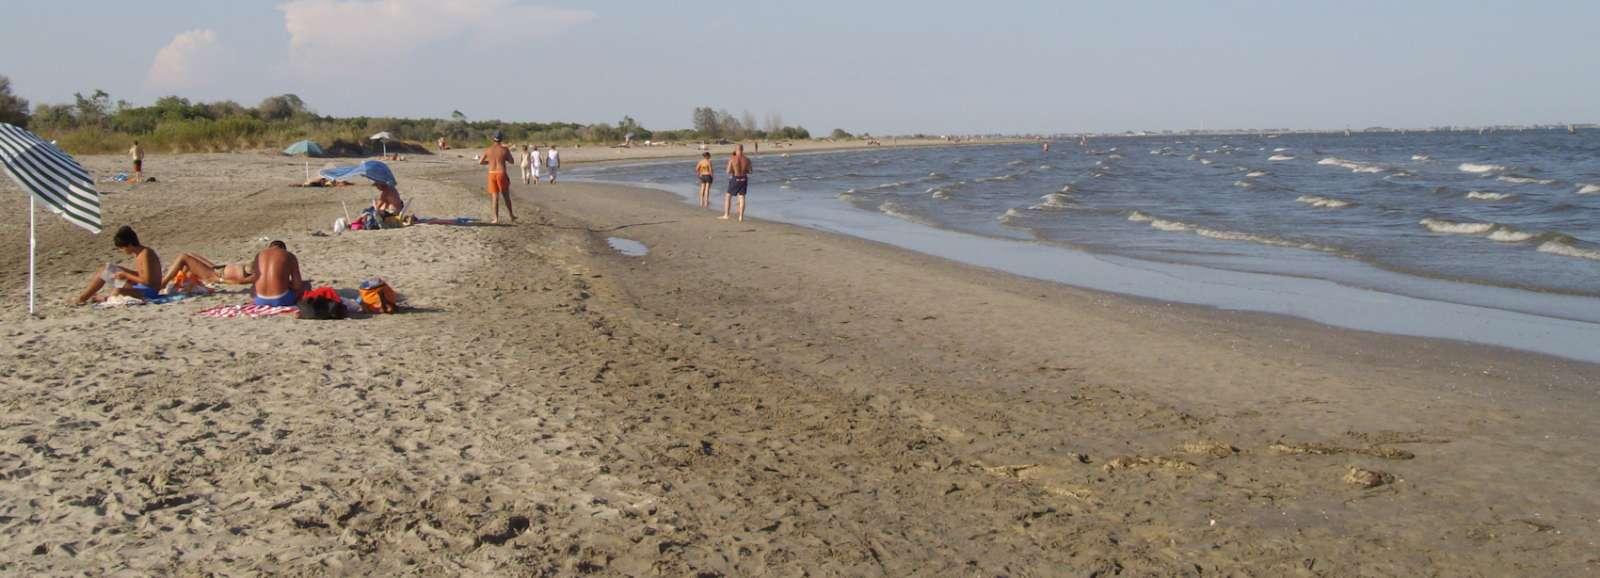 Gott om plats för alla på stranden vid Lido di Volano